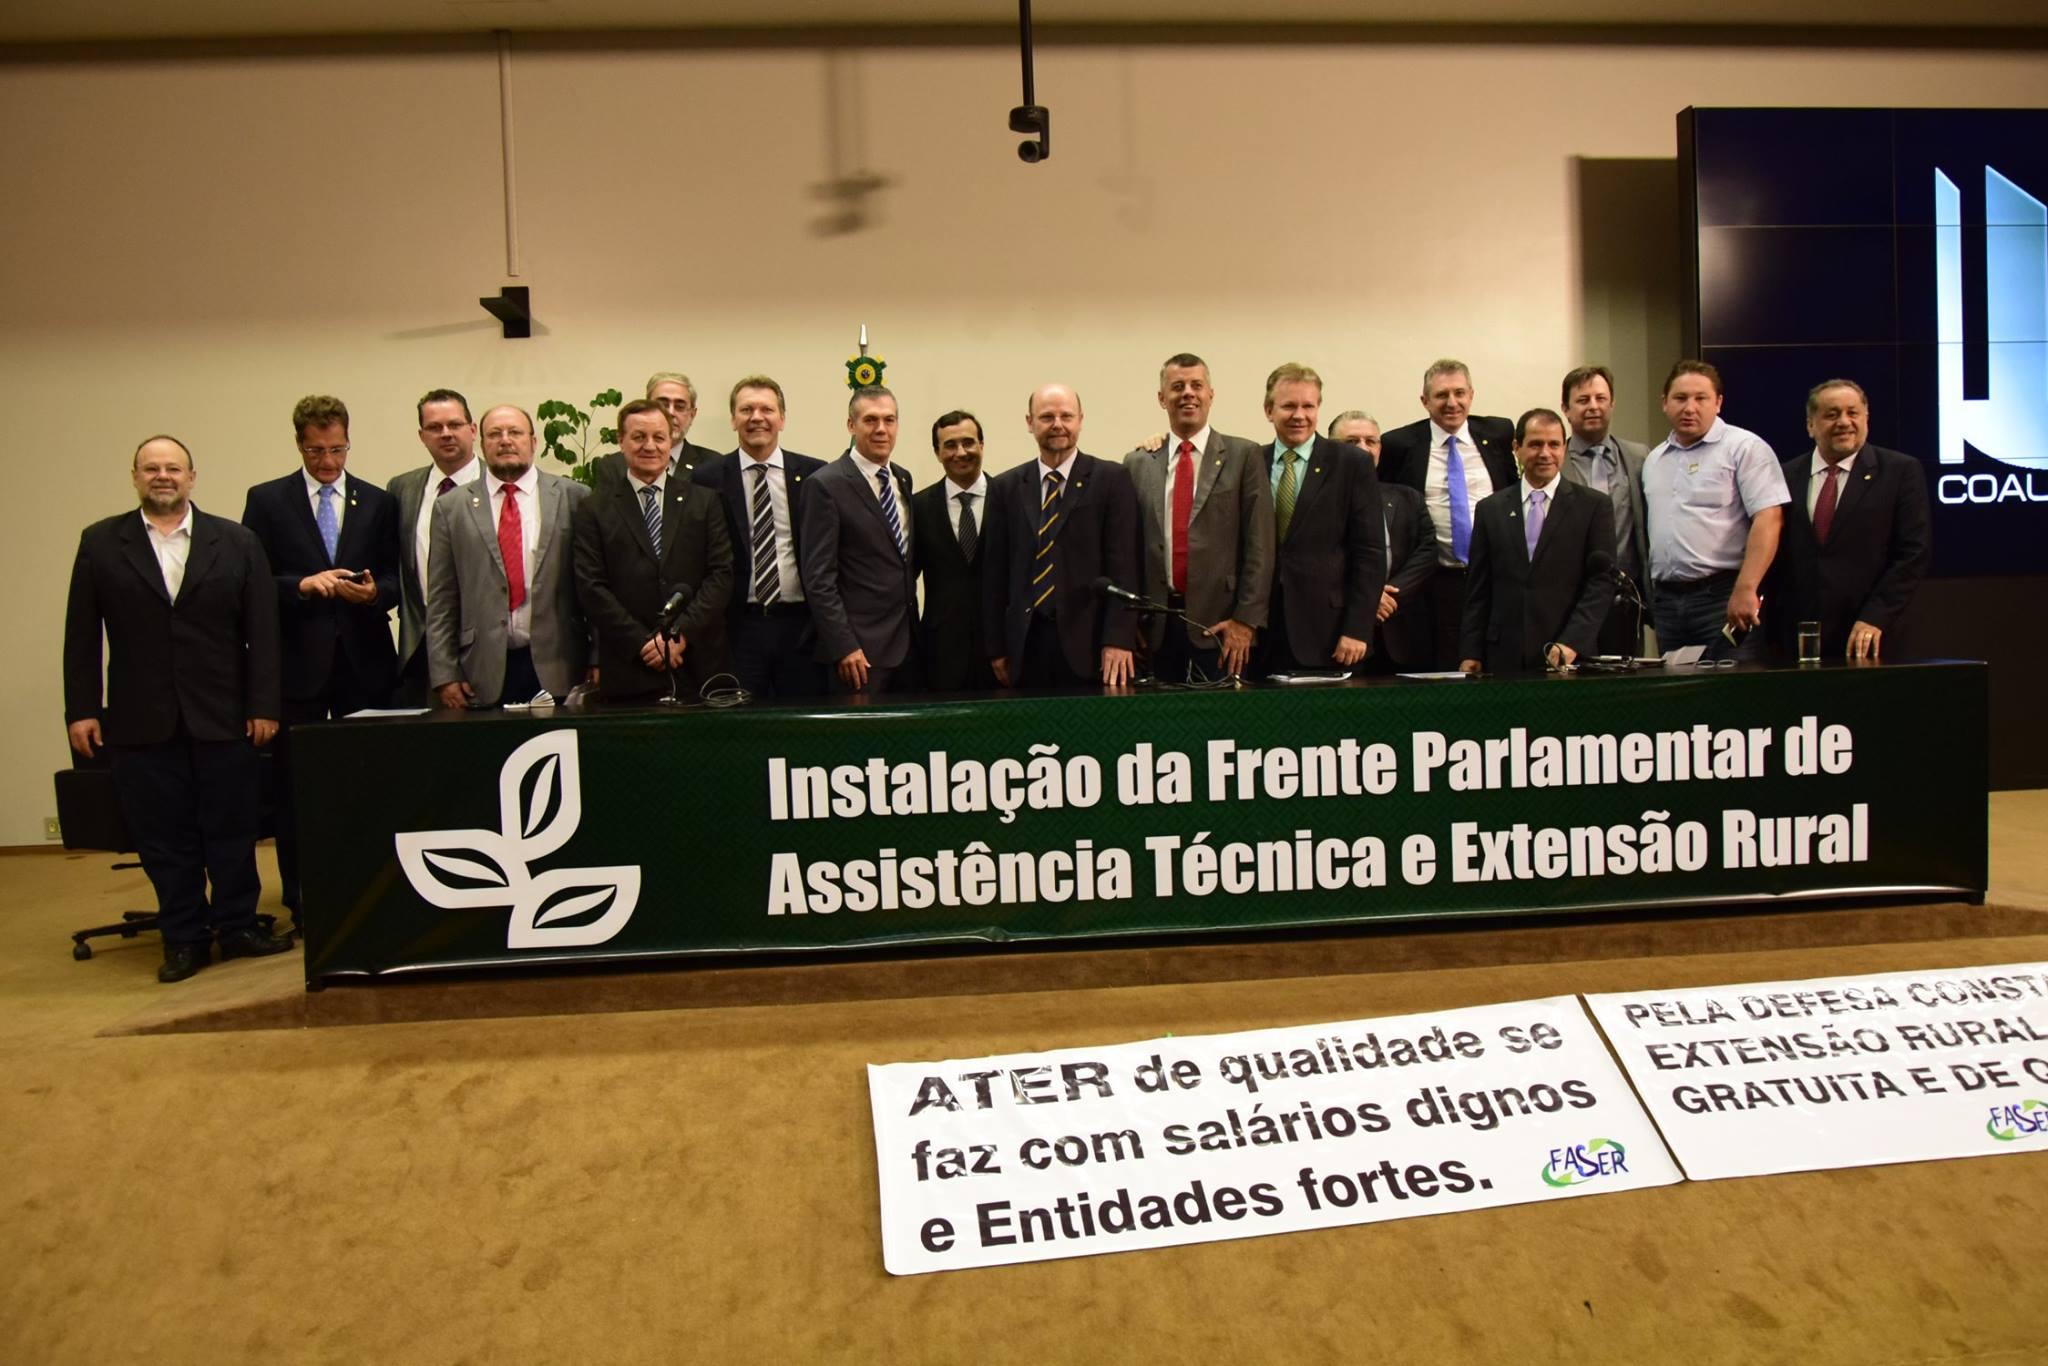 Deputado João Daniel passa a integrar Frente Parlamentar de Assistência Técnica e Extensão Rural